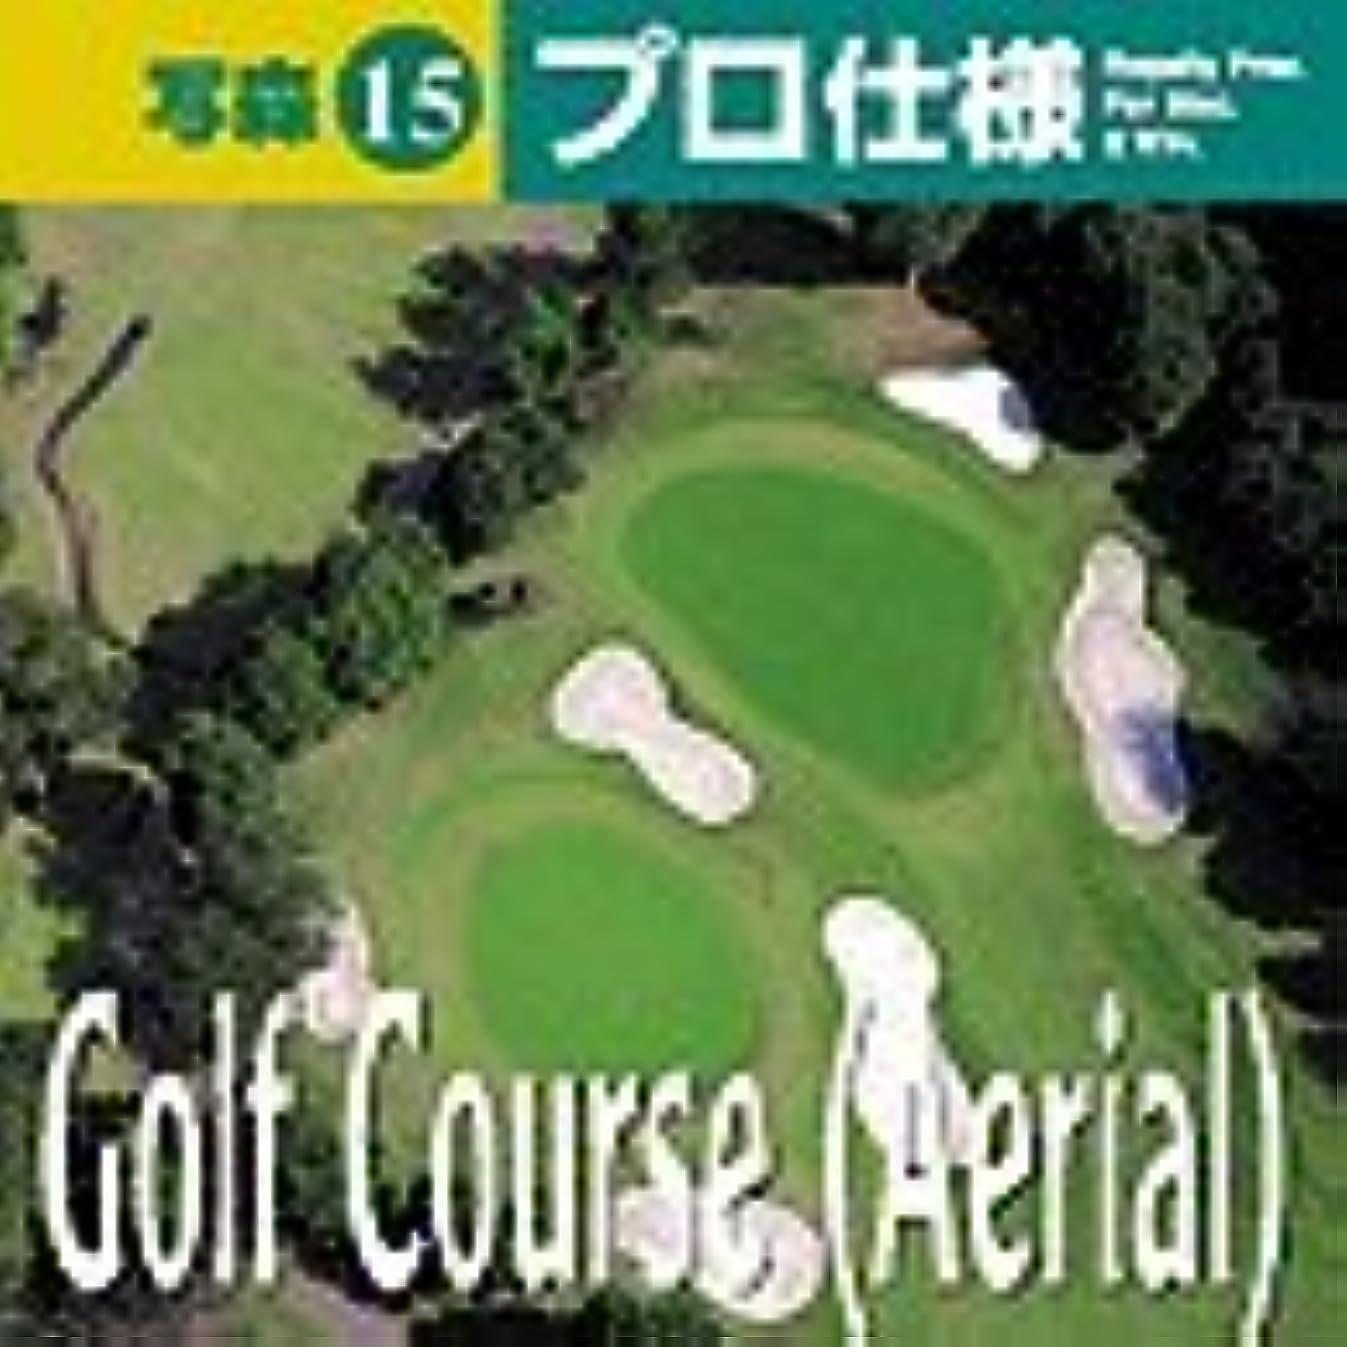 絶えずコインランドリーコンテスト写森プロ仕様 Vol.15 Golf Course (Aerial)